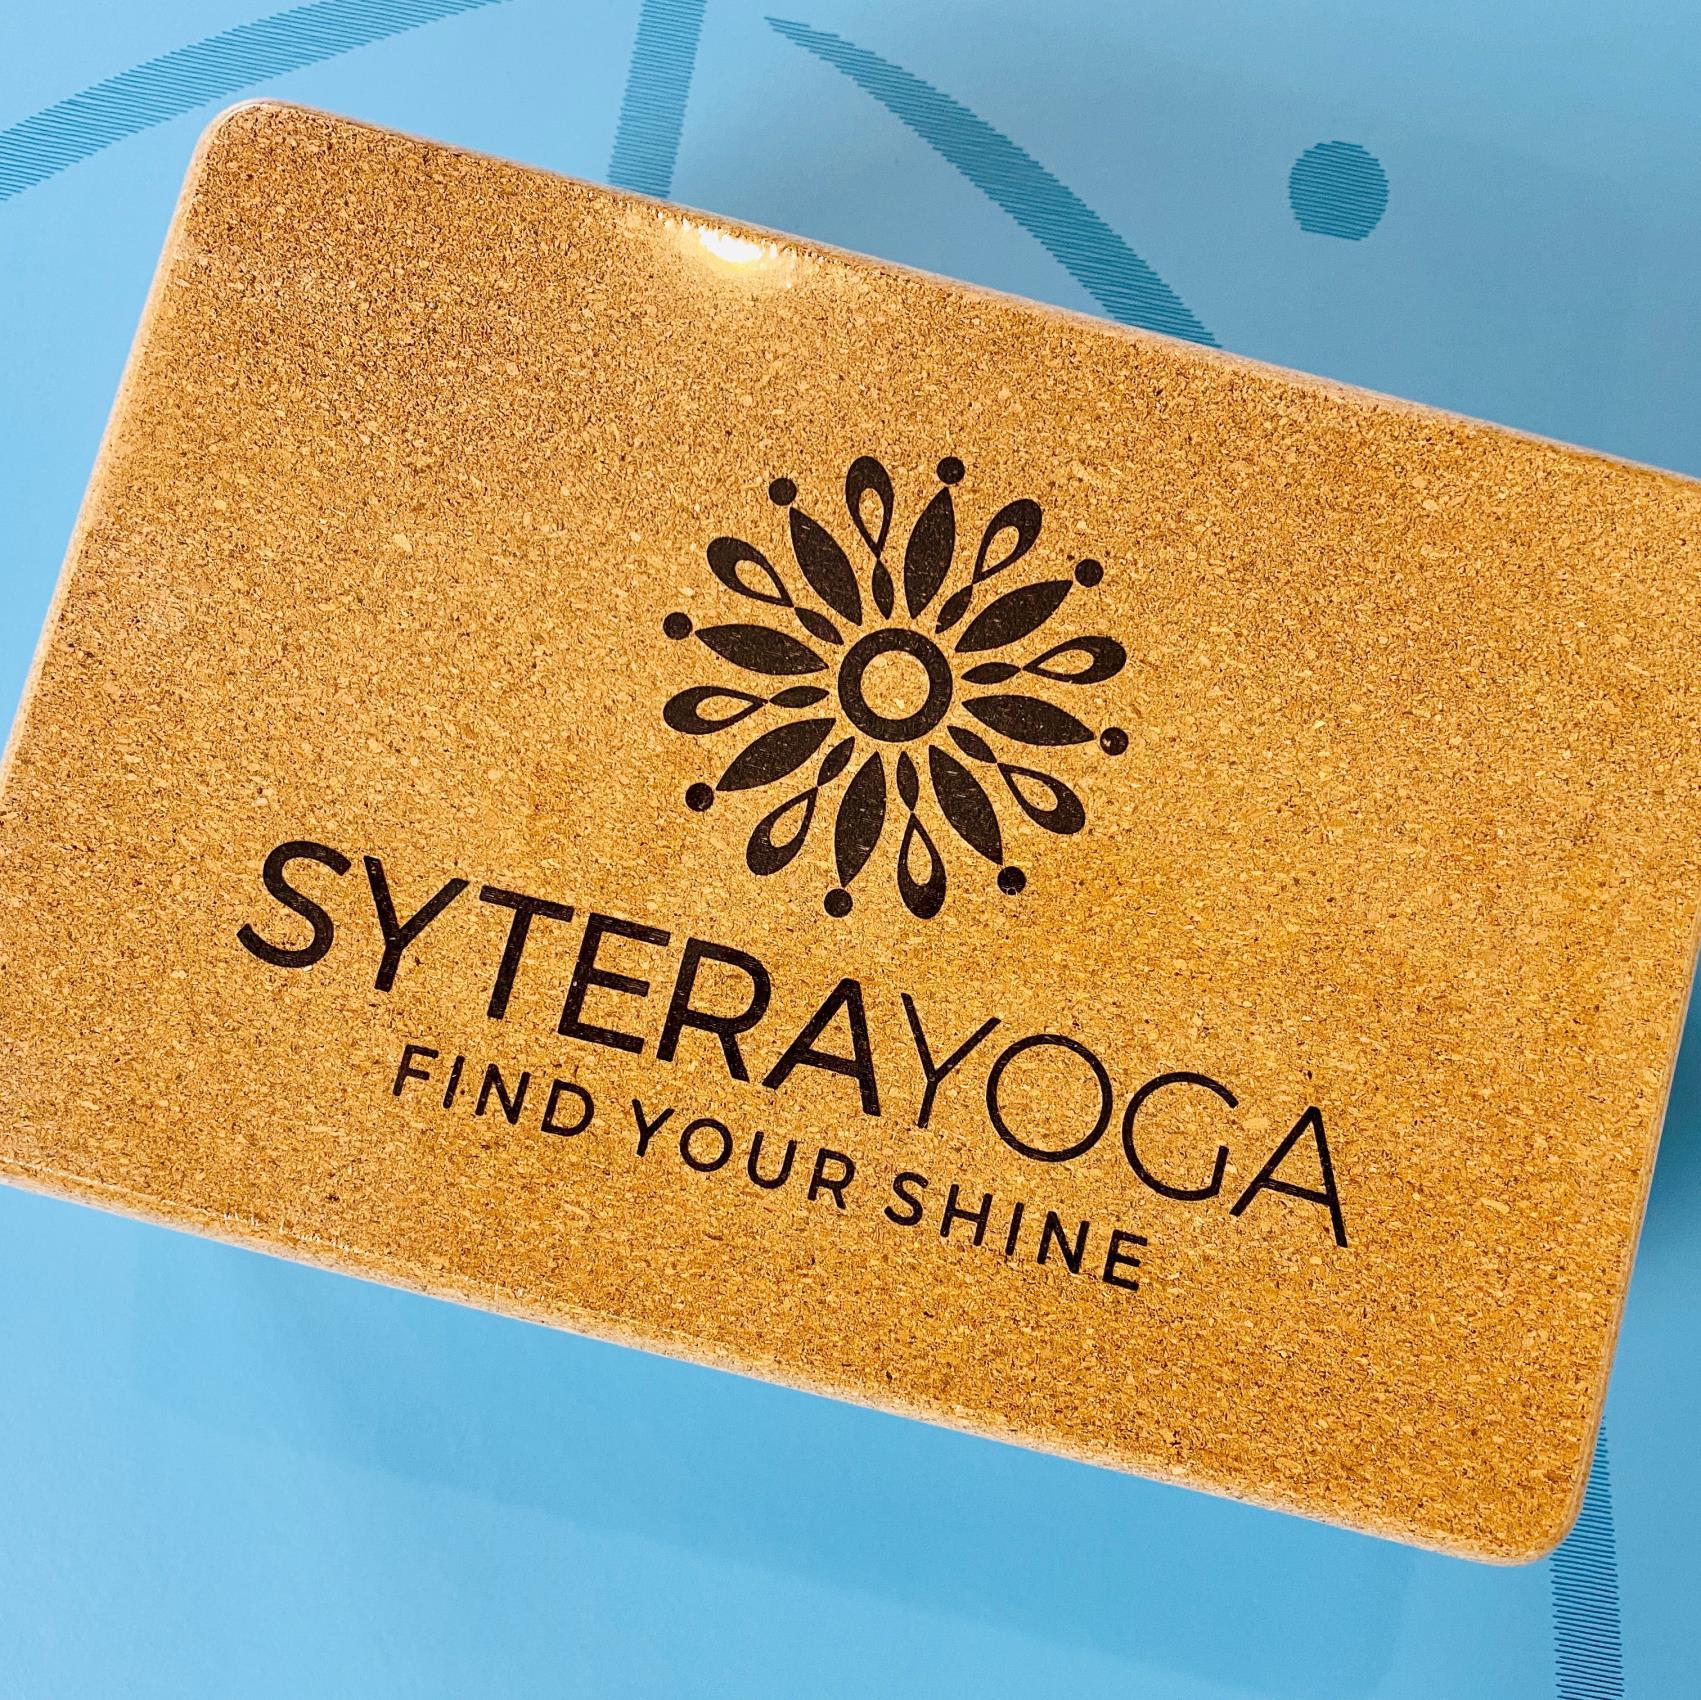 SyteraYoga Block